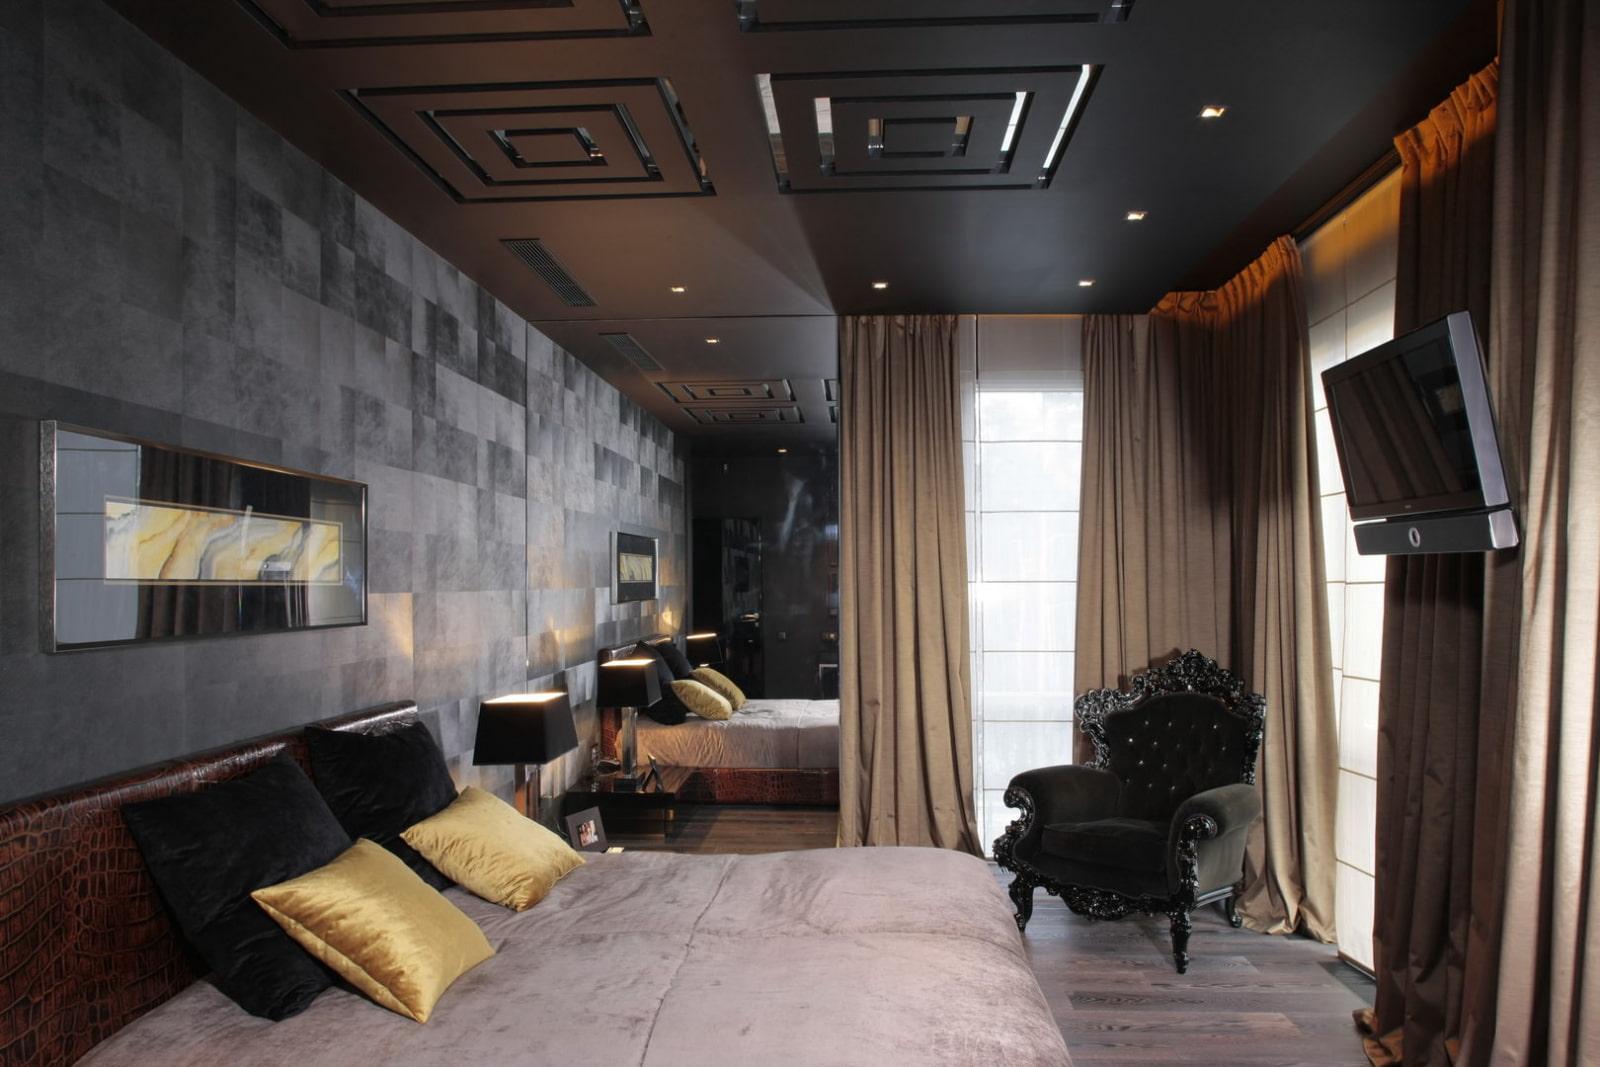 здания обладают фото комнат с черными натяжными потолками этого никогда смешивала